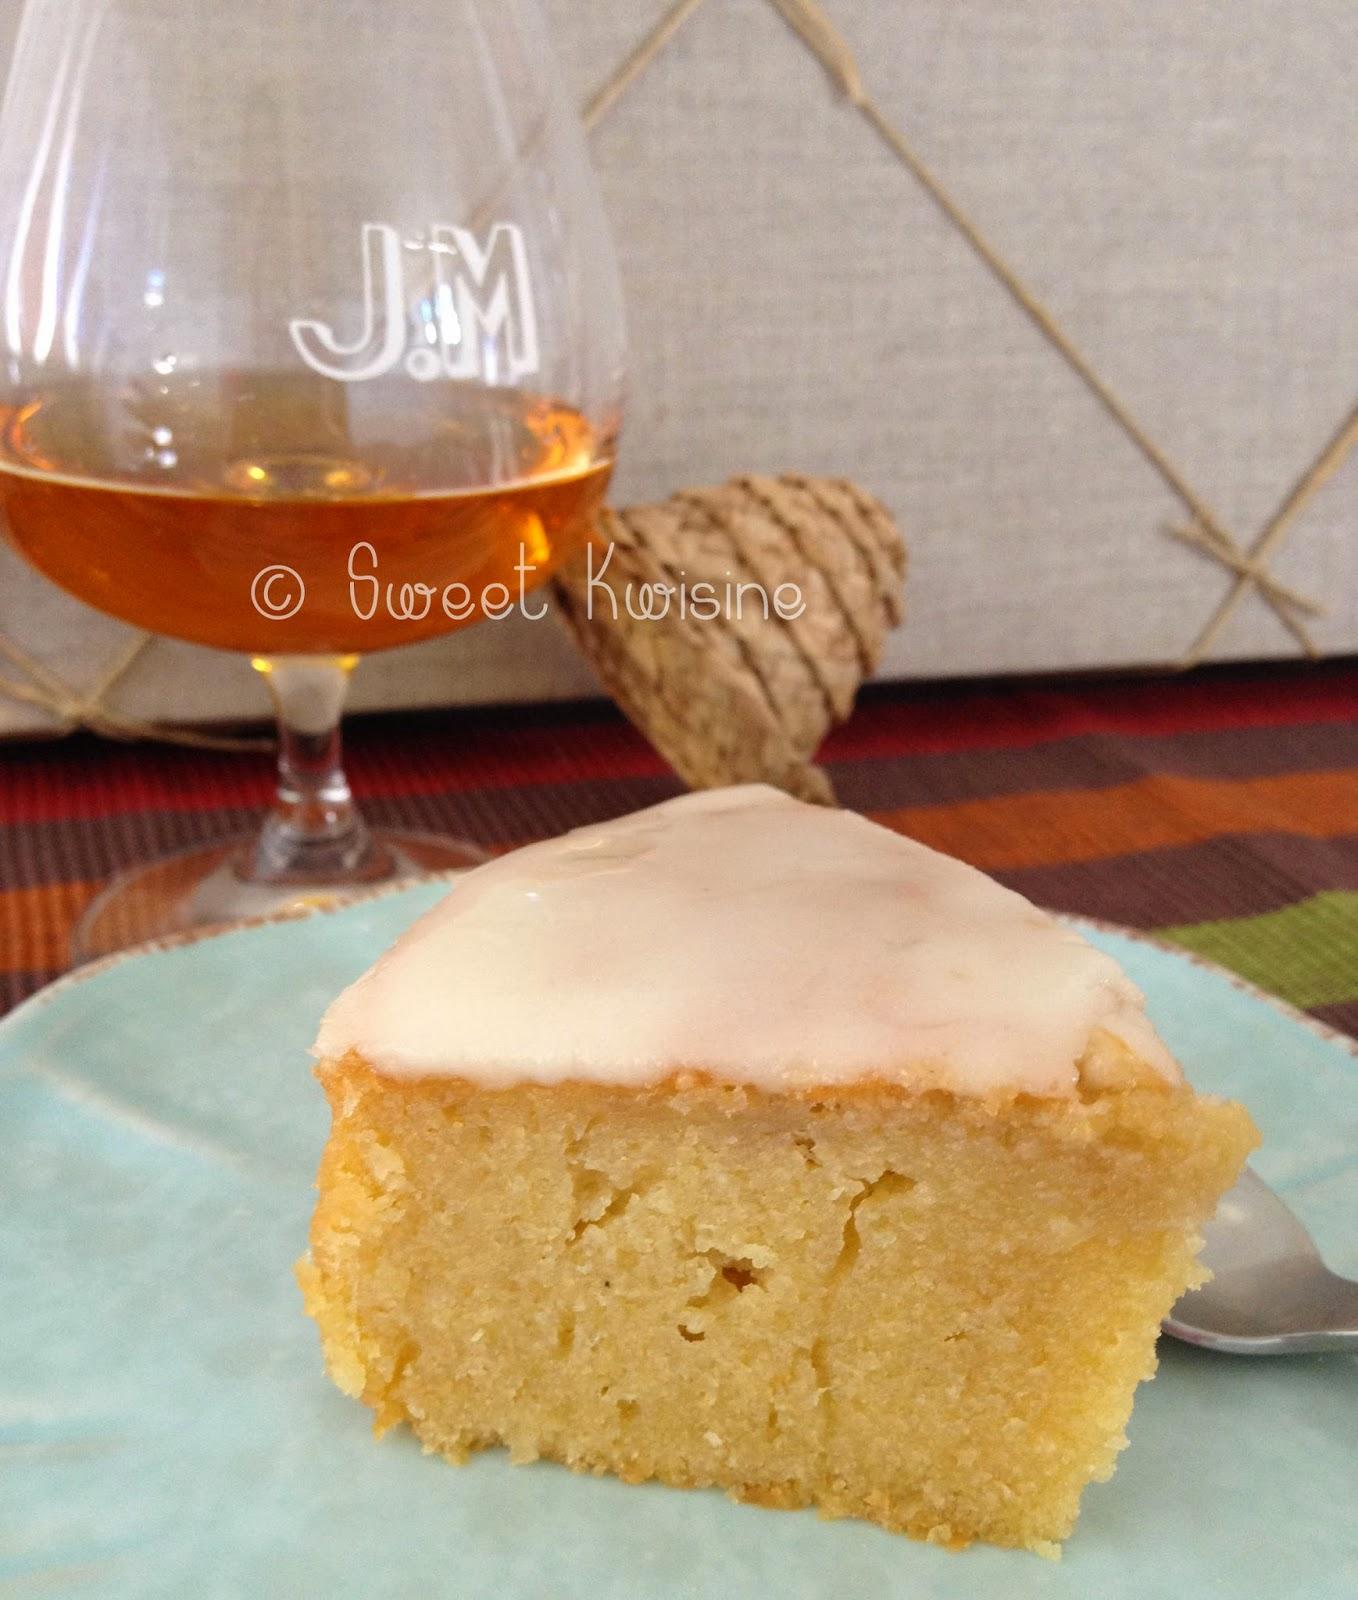 sweet kwisine, gateau, nantais, rhum, amandes, cuisine antillaise, rhum AOC, Martinique